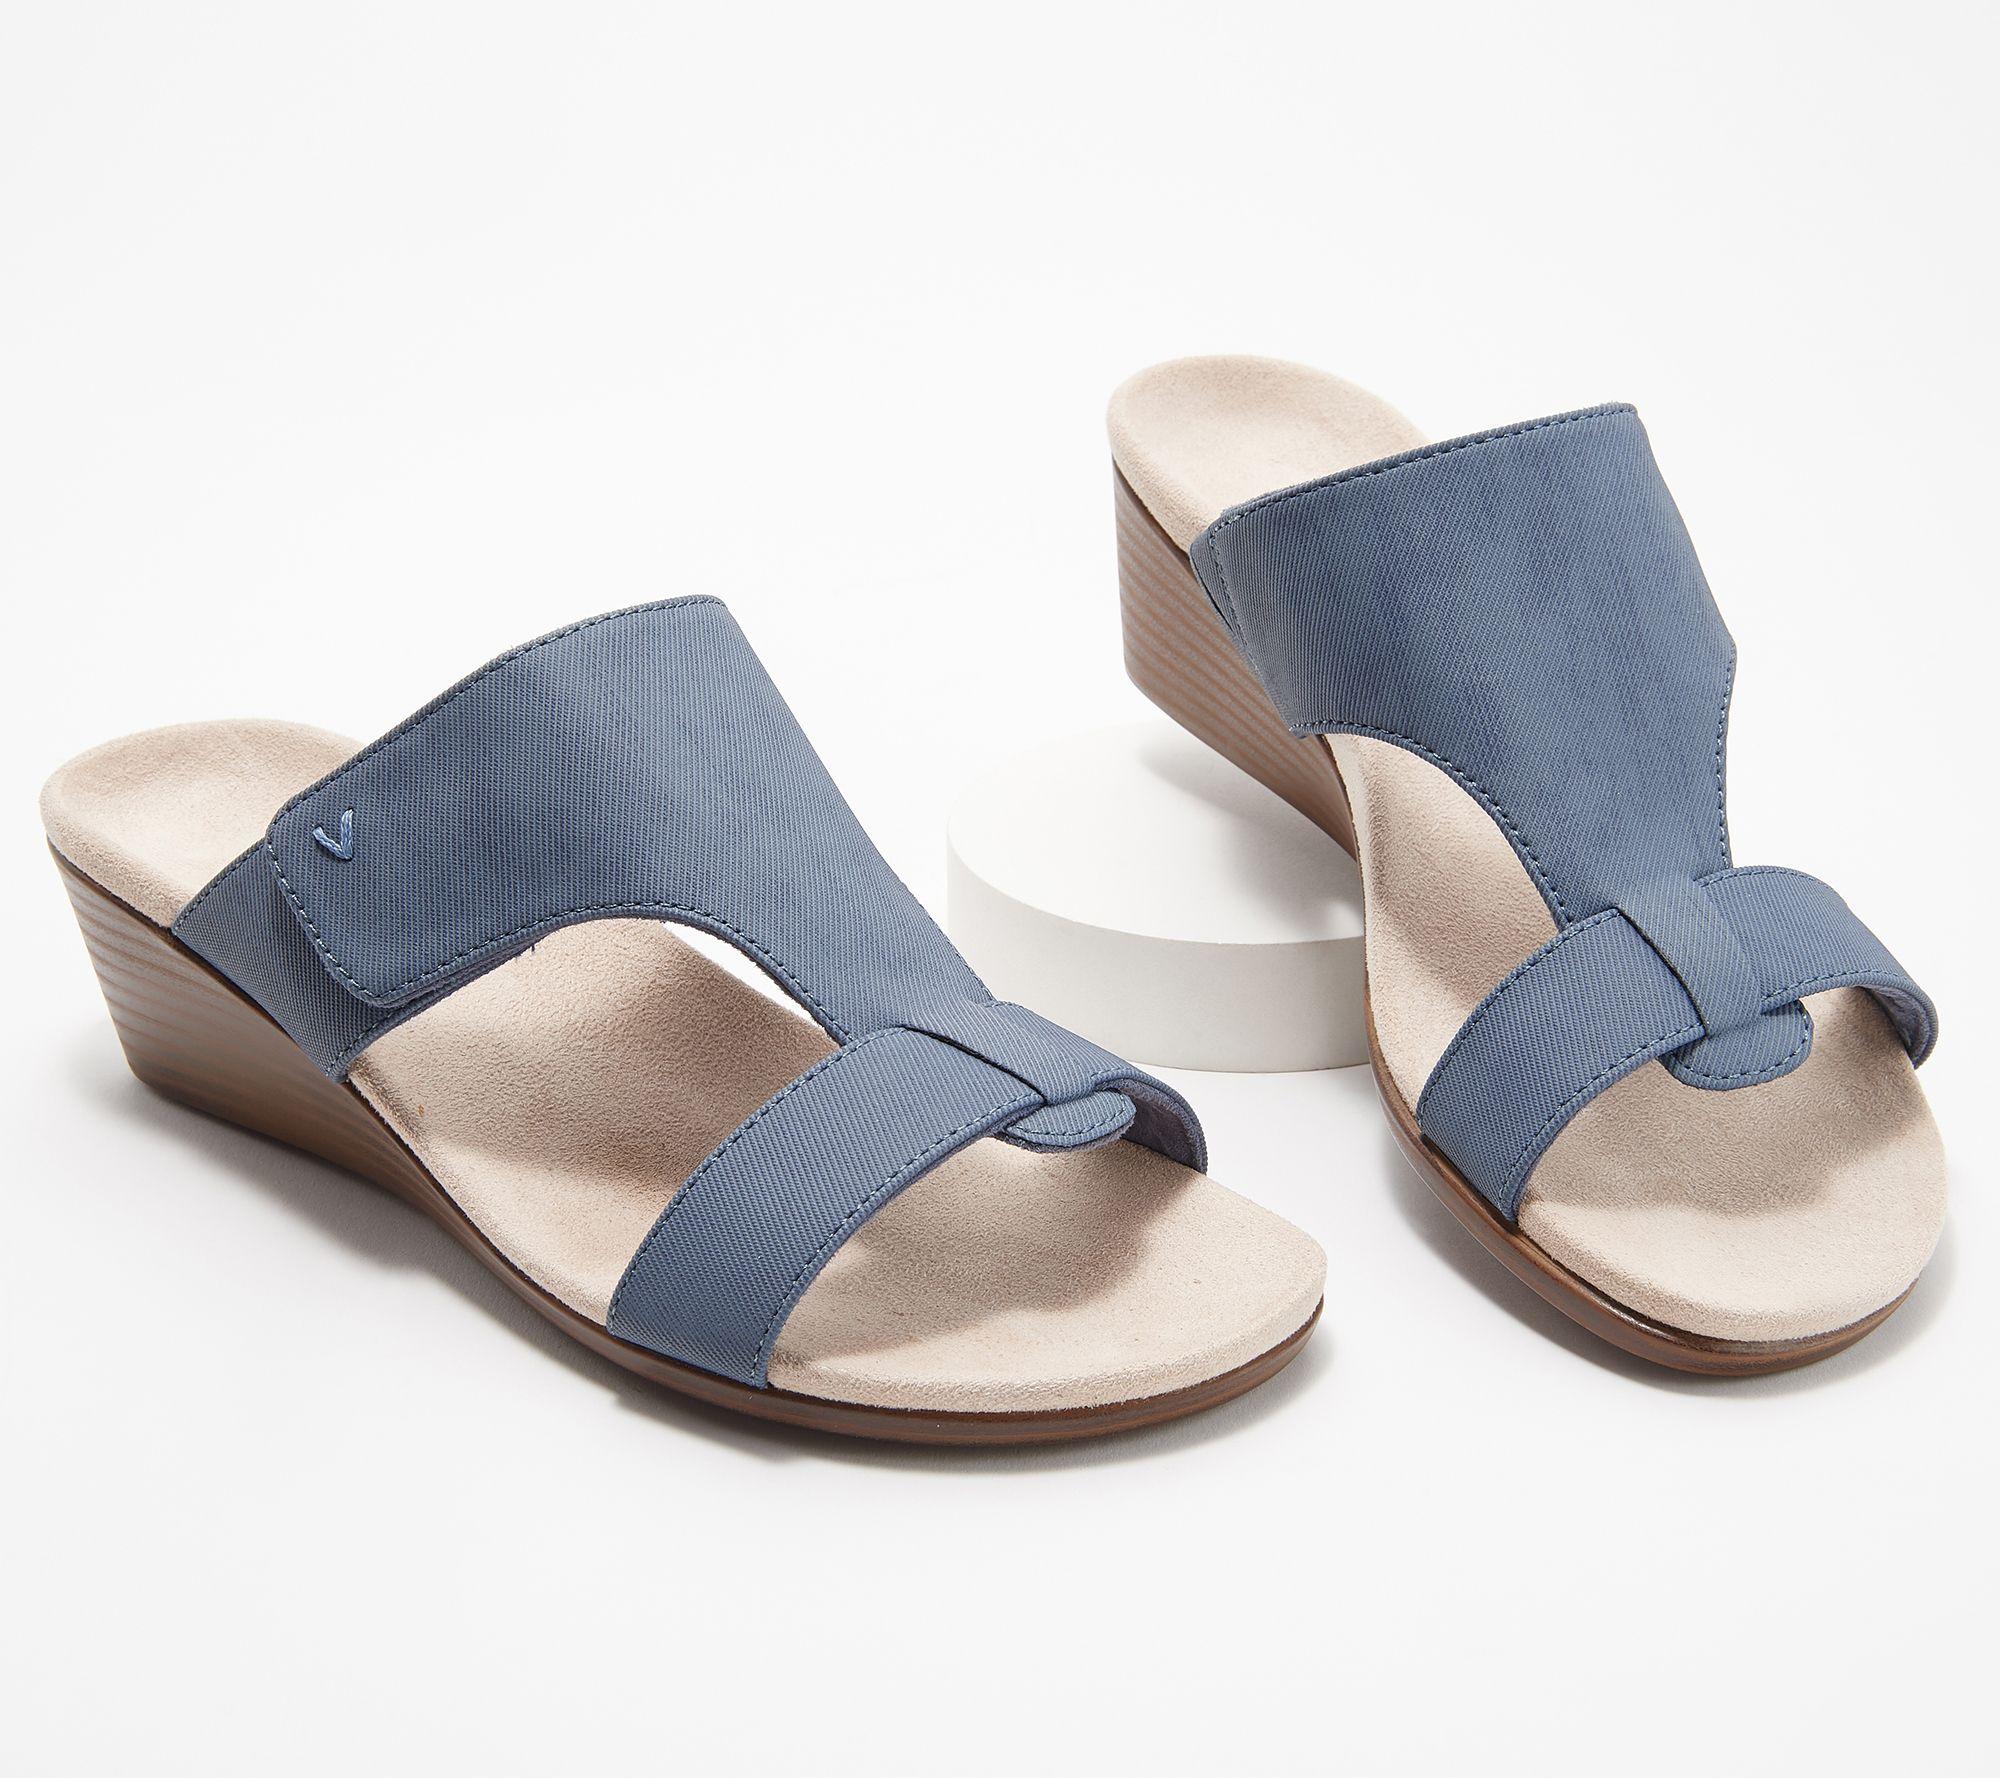 Adjustable Slide Sandals Vionic Wedge Regina SVpLUGqzM